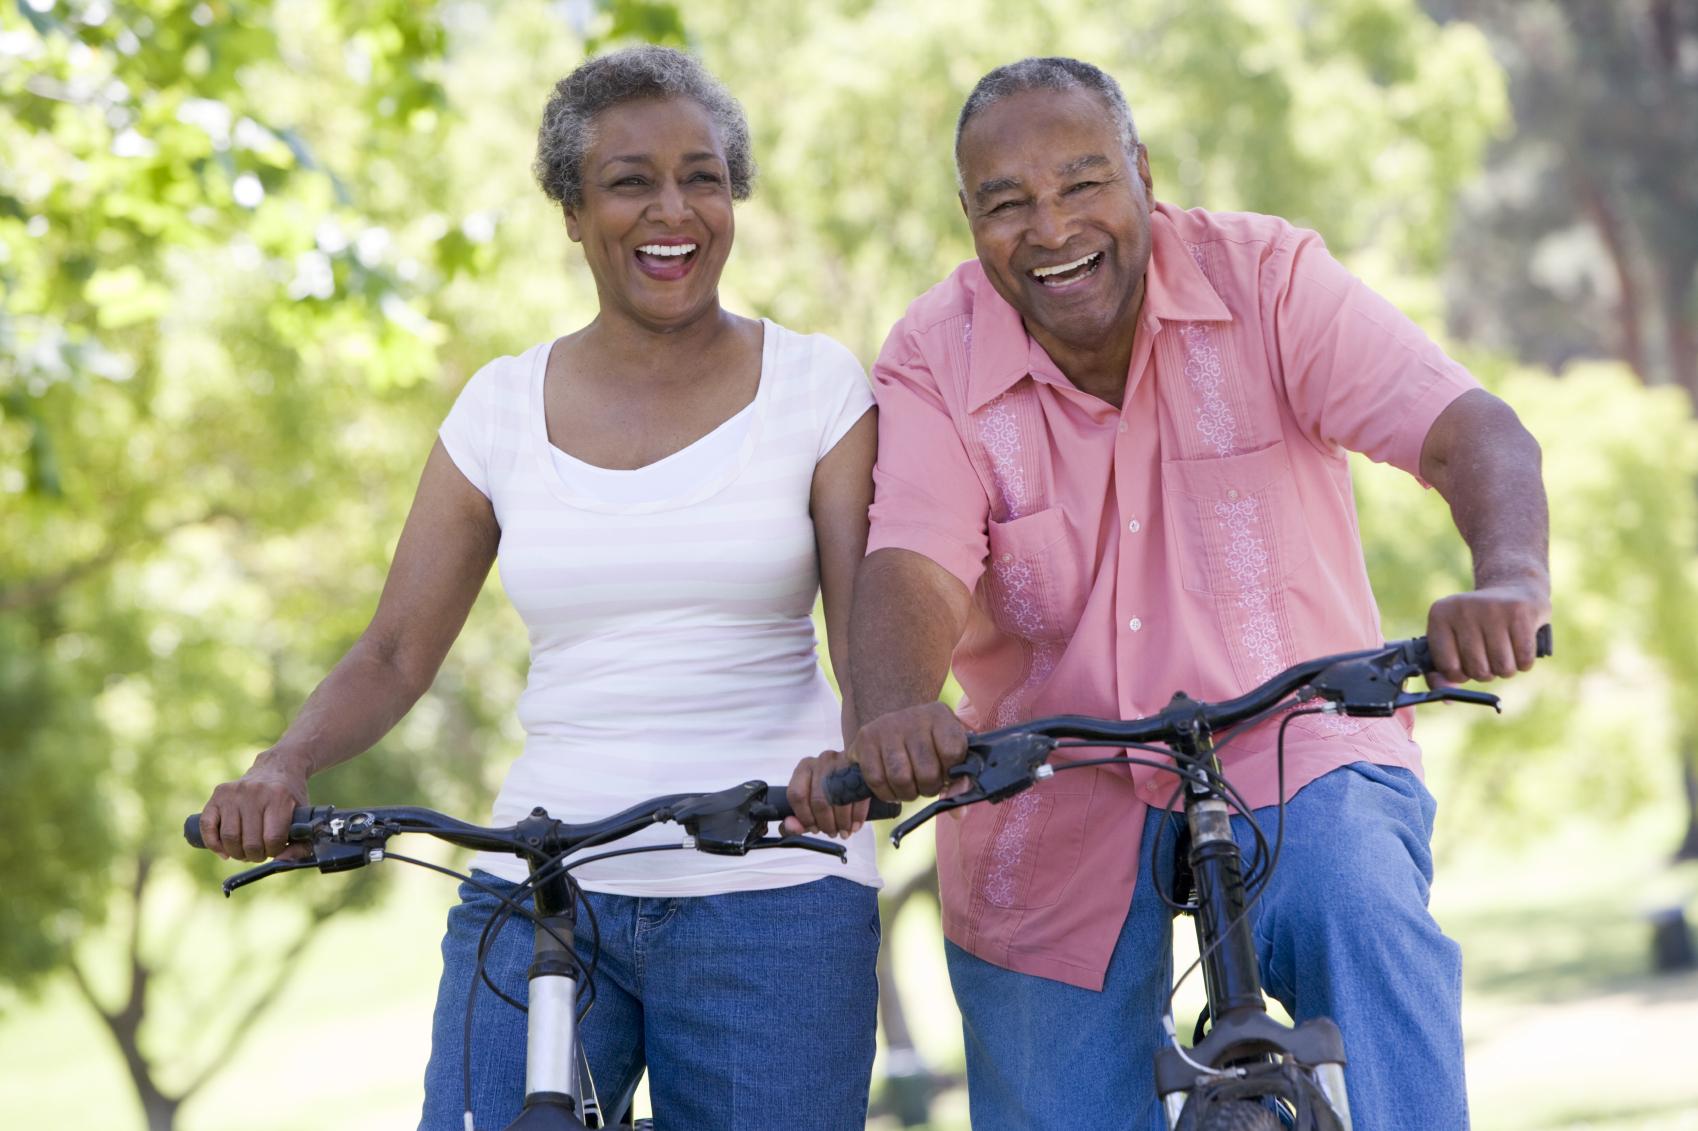 seniors-on-bike.jpg